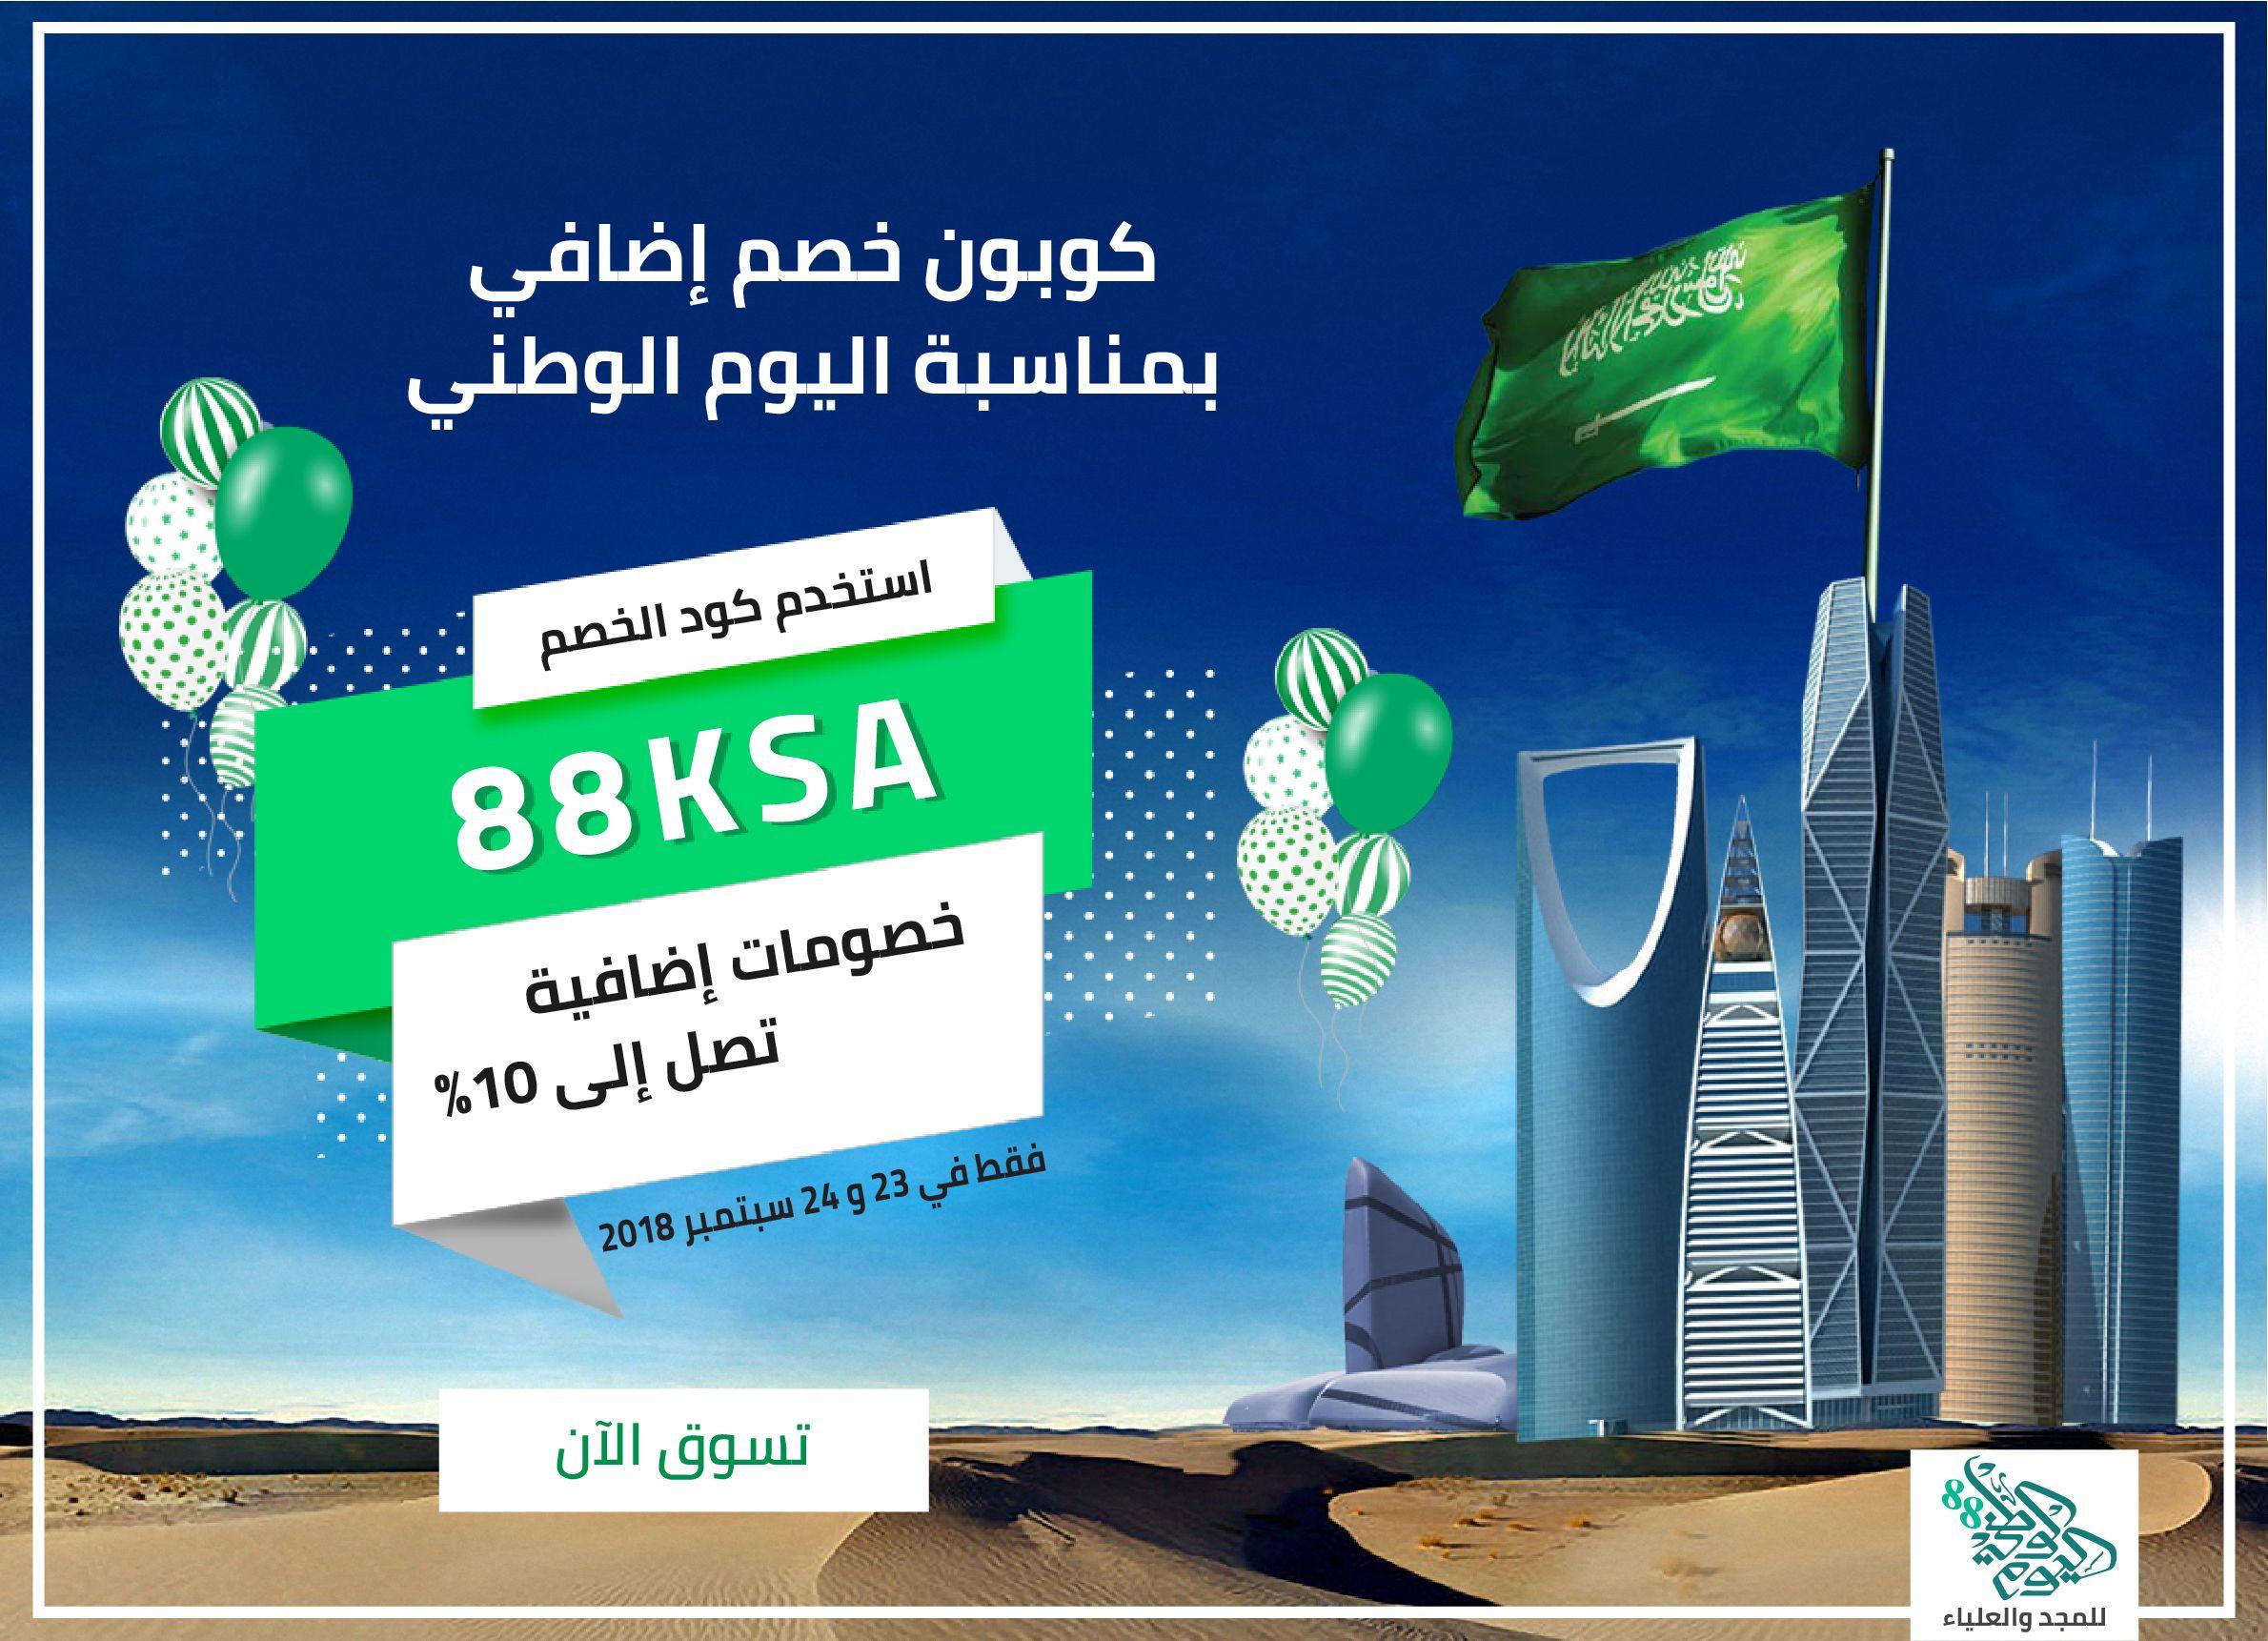 اليوم الوطني السعودي كود خصم اضافي Ksa88 Saudi National Day Promotion Code 88ksa National Day Day 10 Things